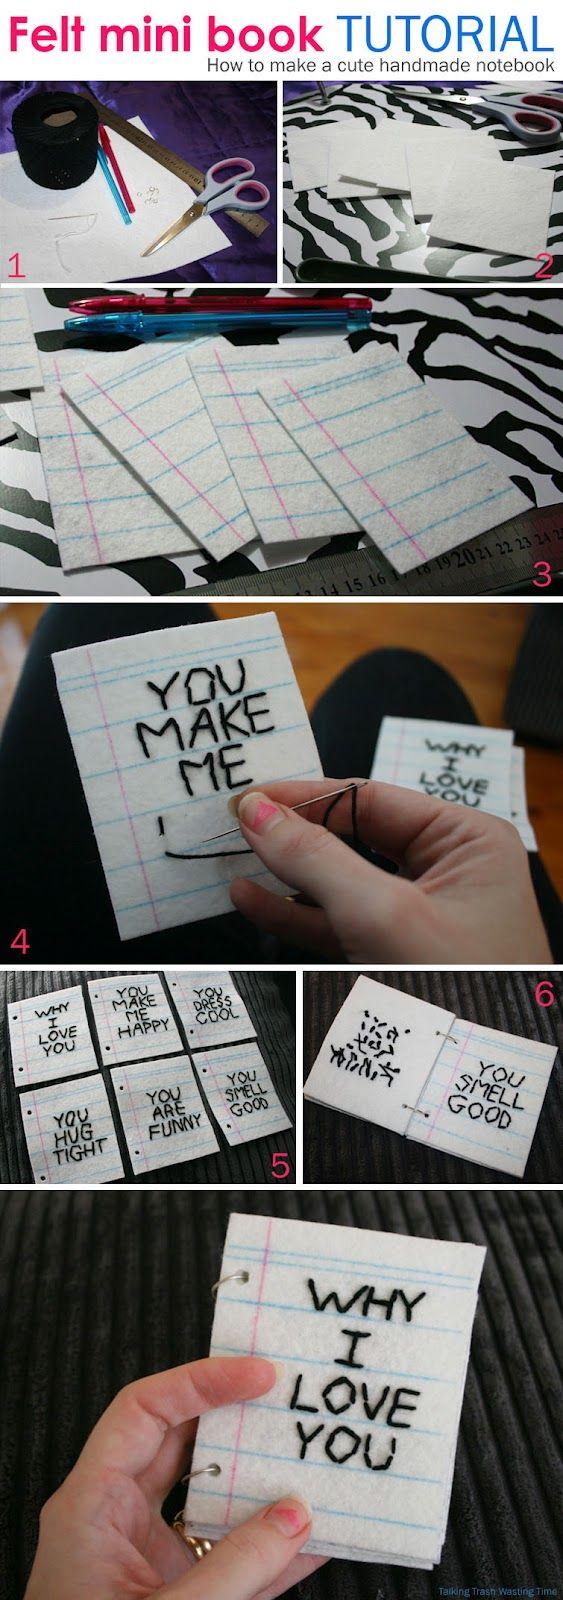 как сделать блокнотик со ста причинами почему я люблю тебя